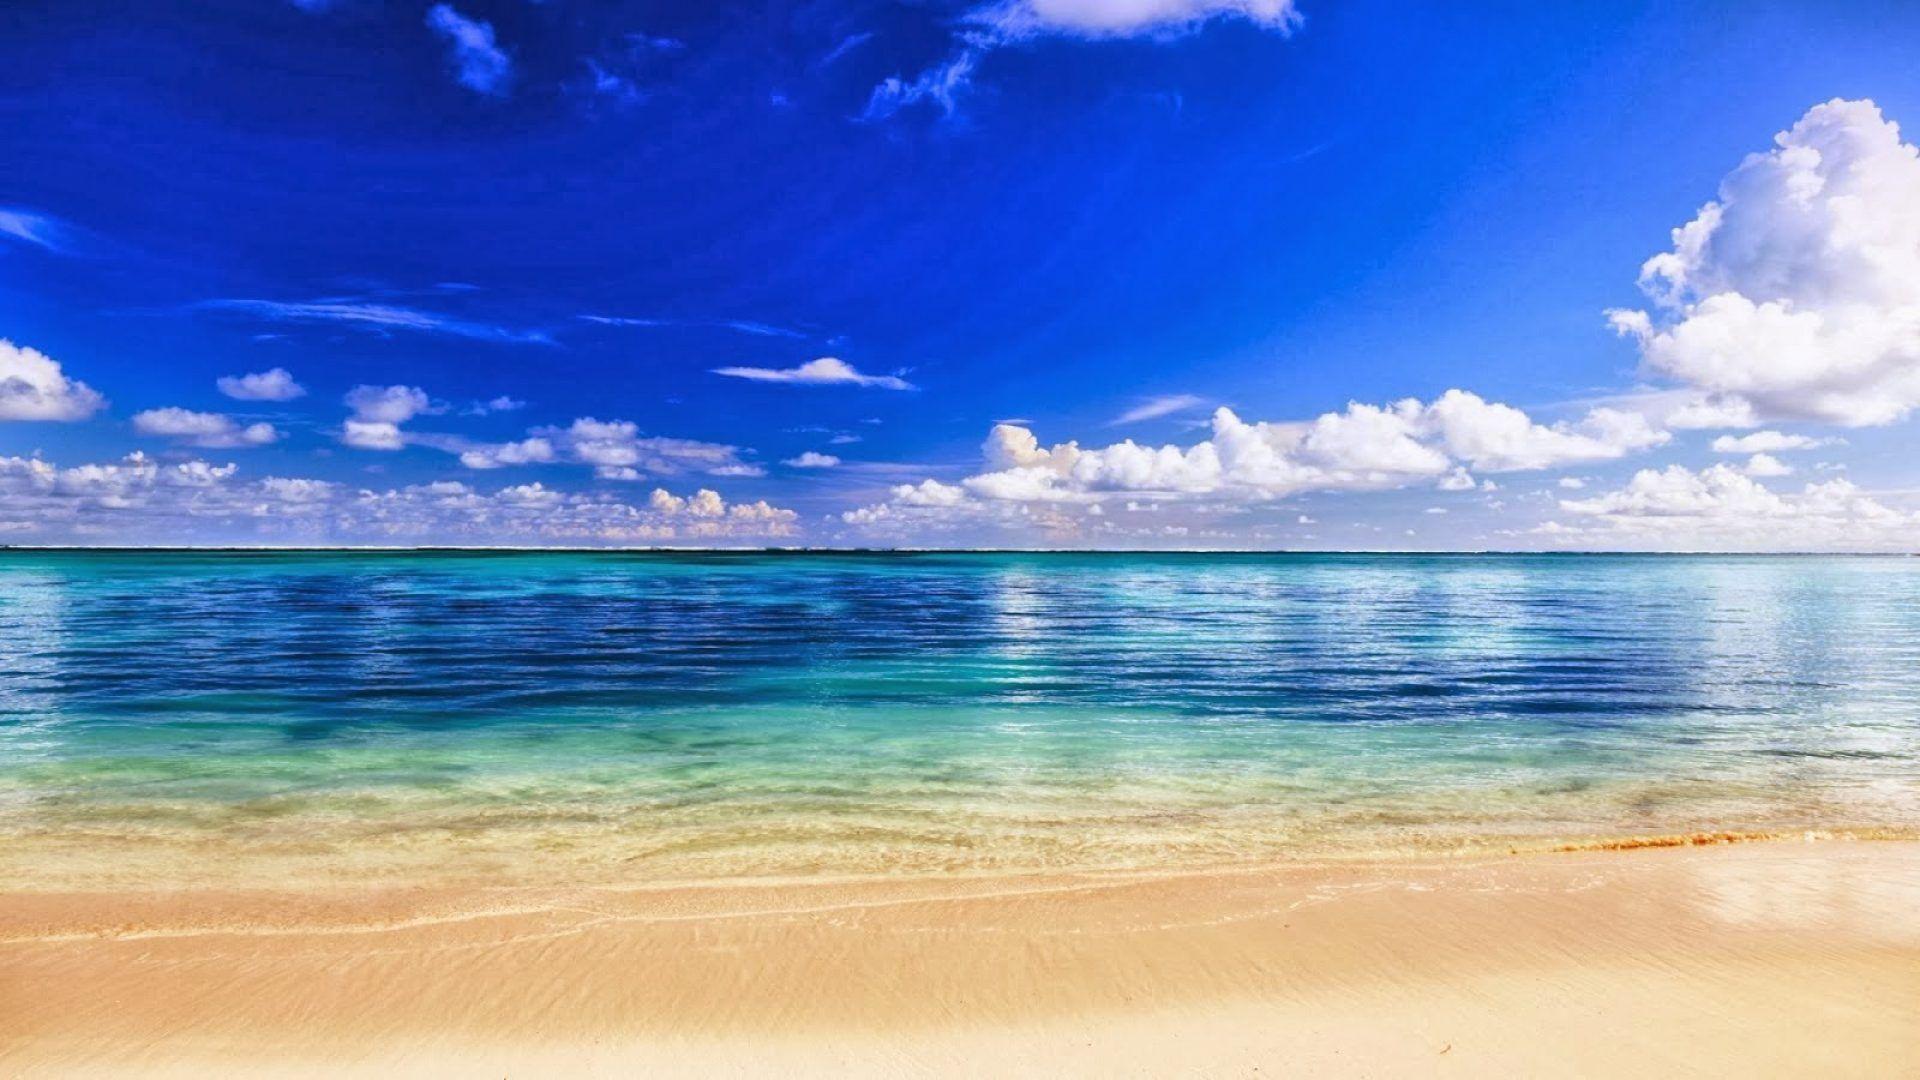 Caribbean 1080p Wallpaper